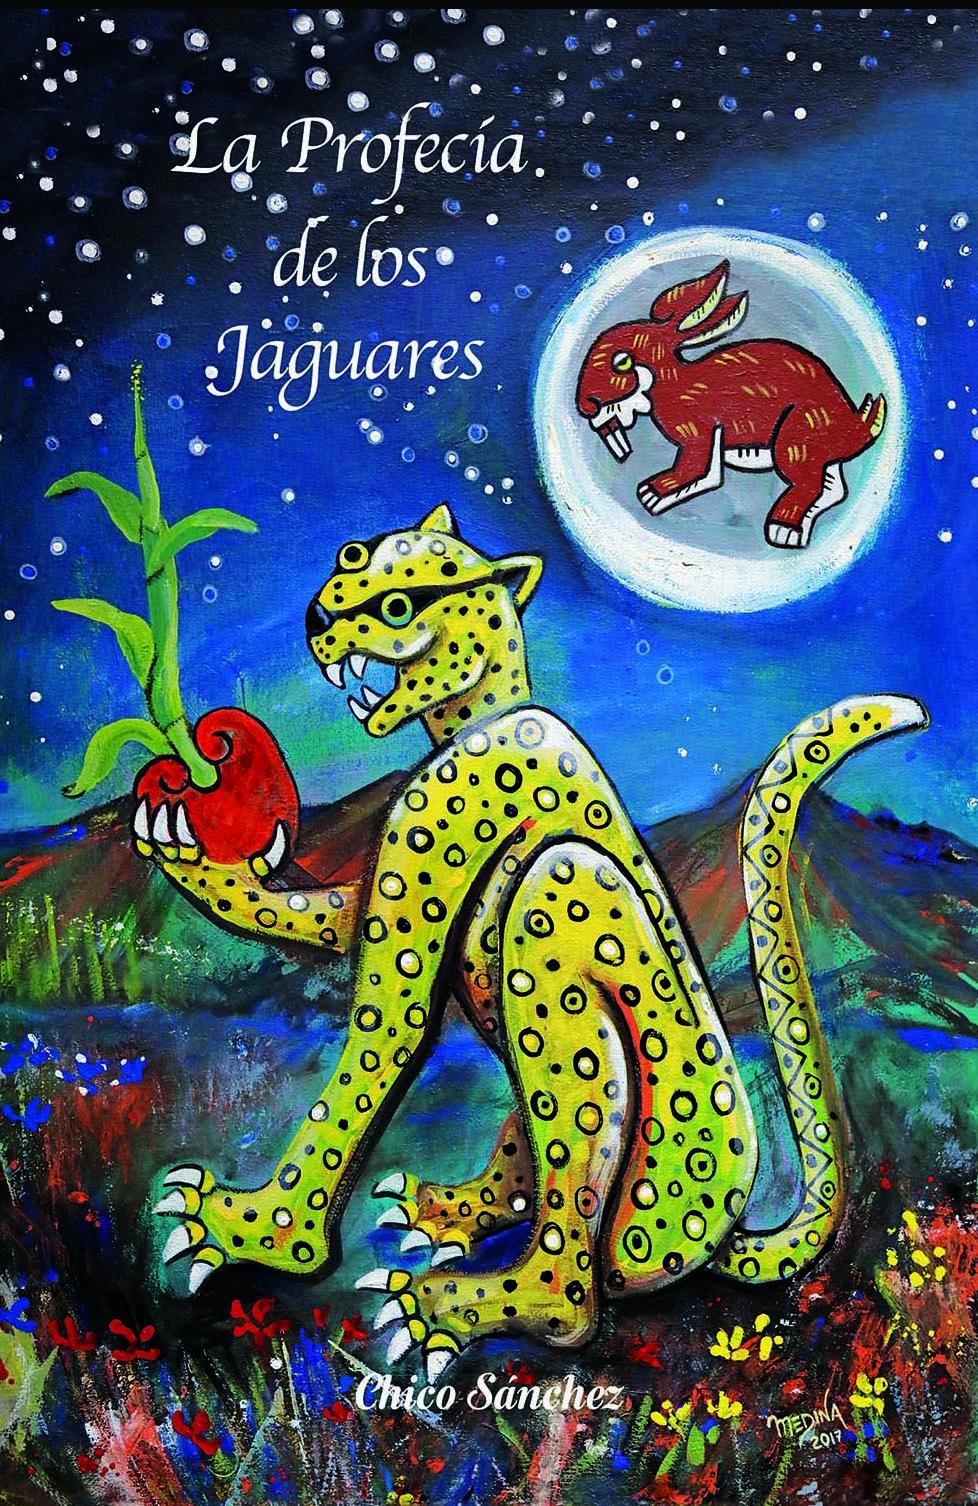 Compra aquí La Profecía de los Jaguares